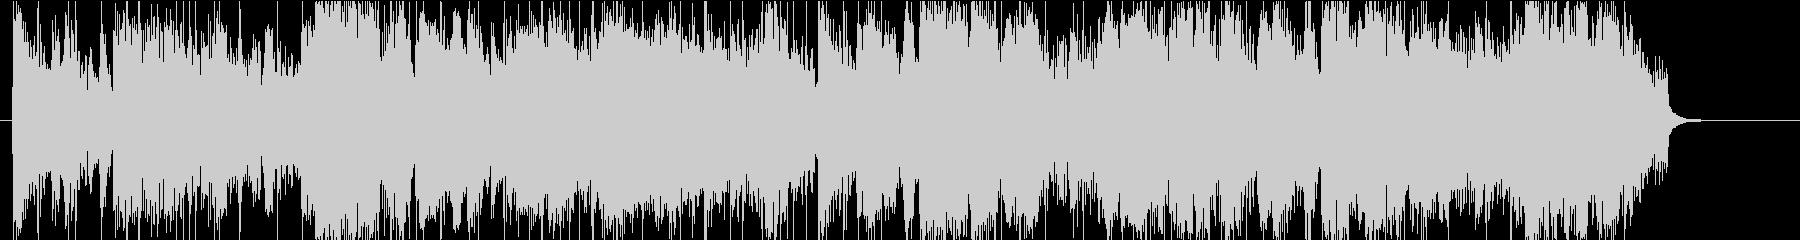 ジャズファンクなジングル、ロゴ、CM等にの未再生の波形